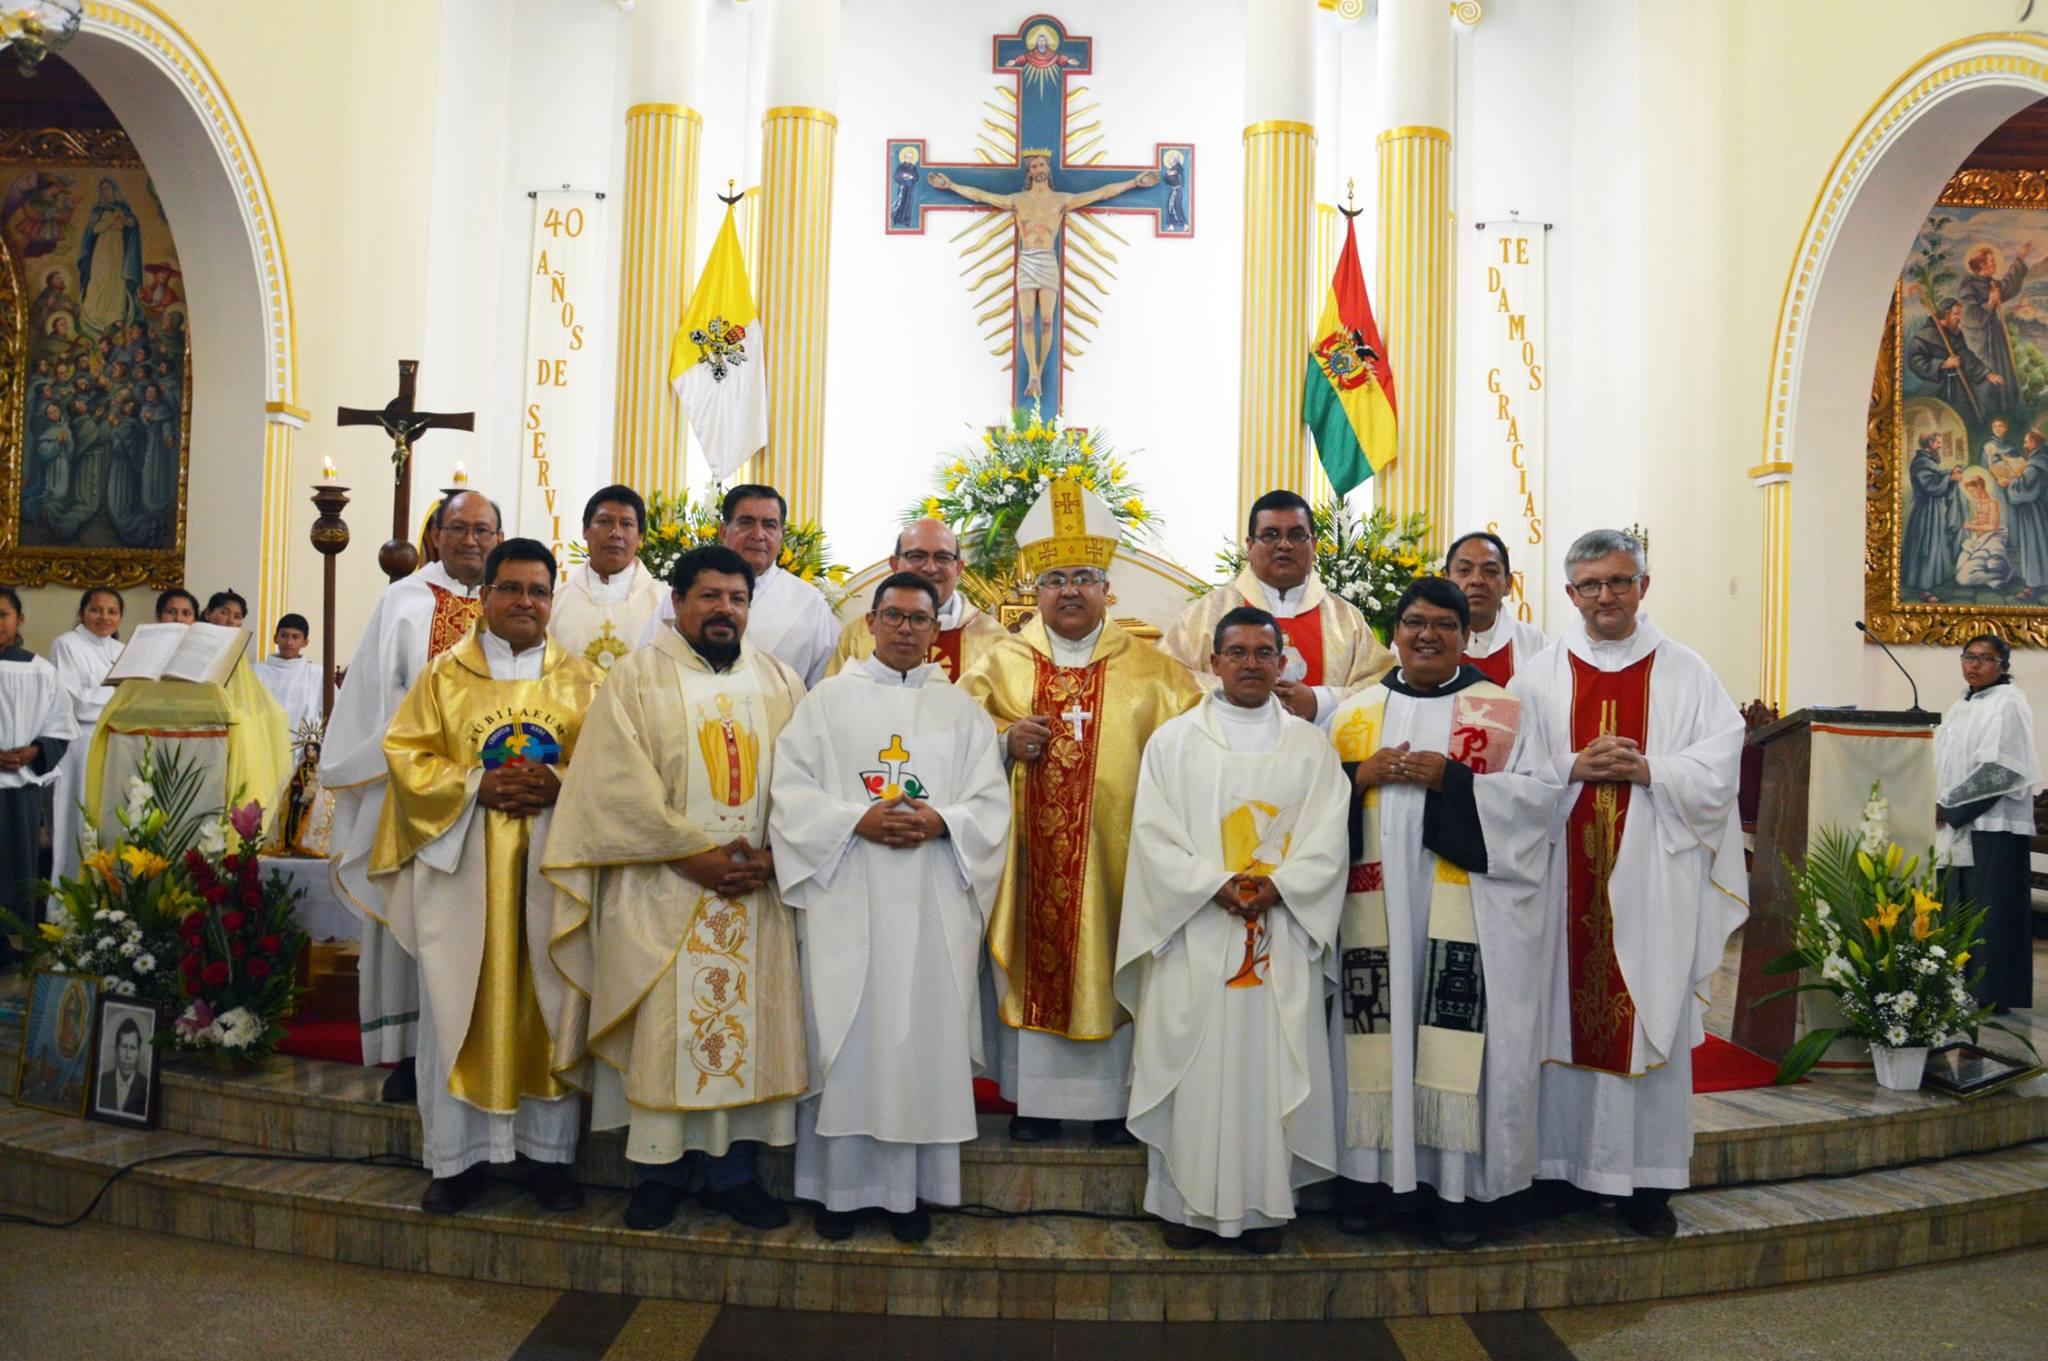 QUINTANILLA – Celebrando 40 años de existencia